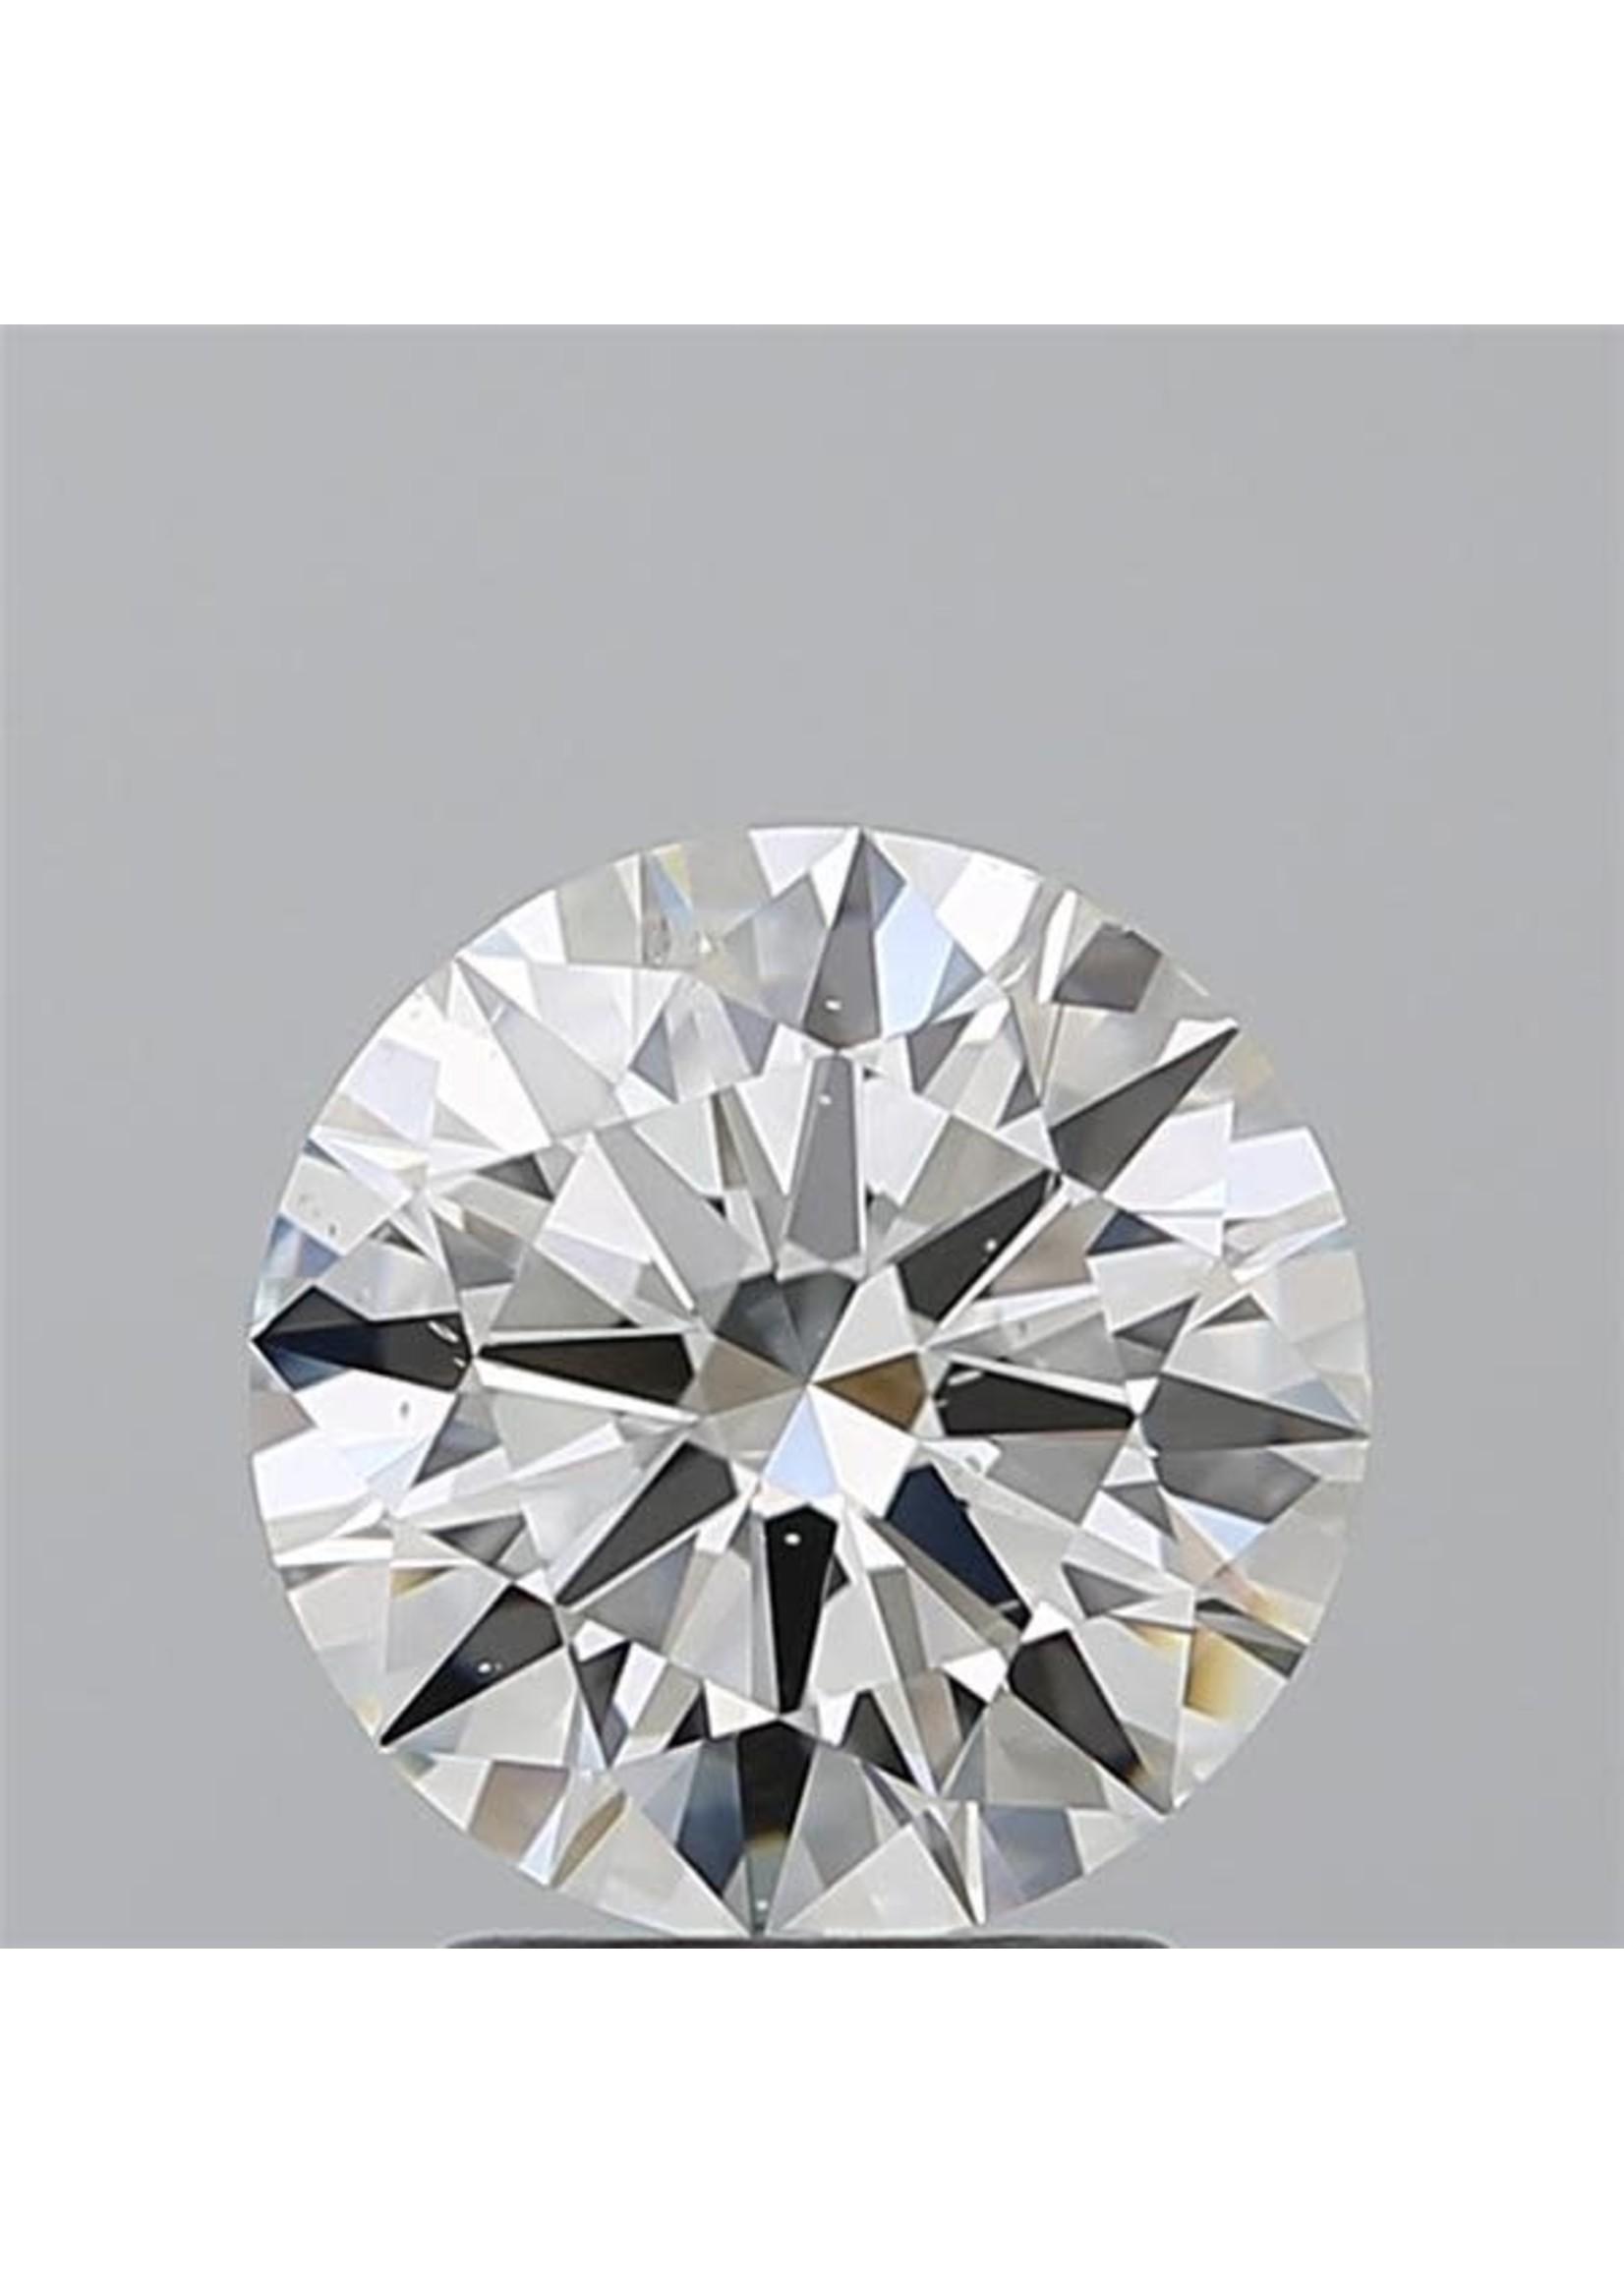 Jewellery ROUND CUT DIAMOND 2.23 CT. I-1 H VG